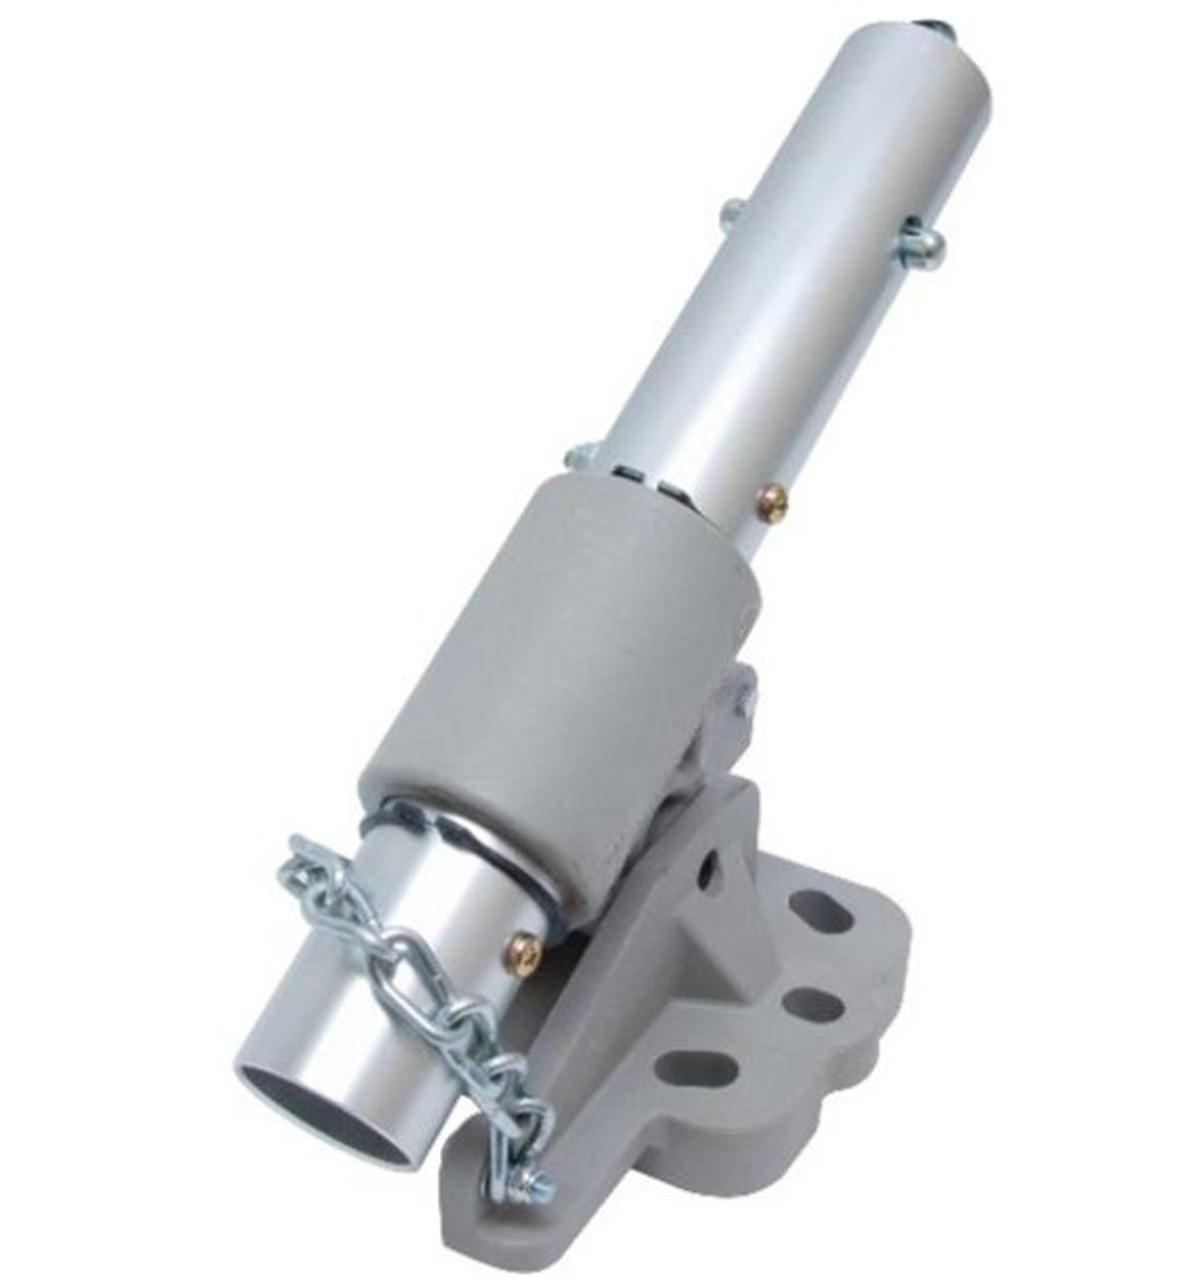 Eliminator Composite Adapter